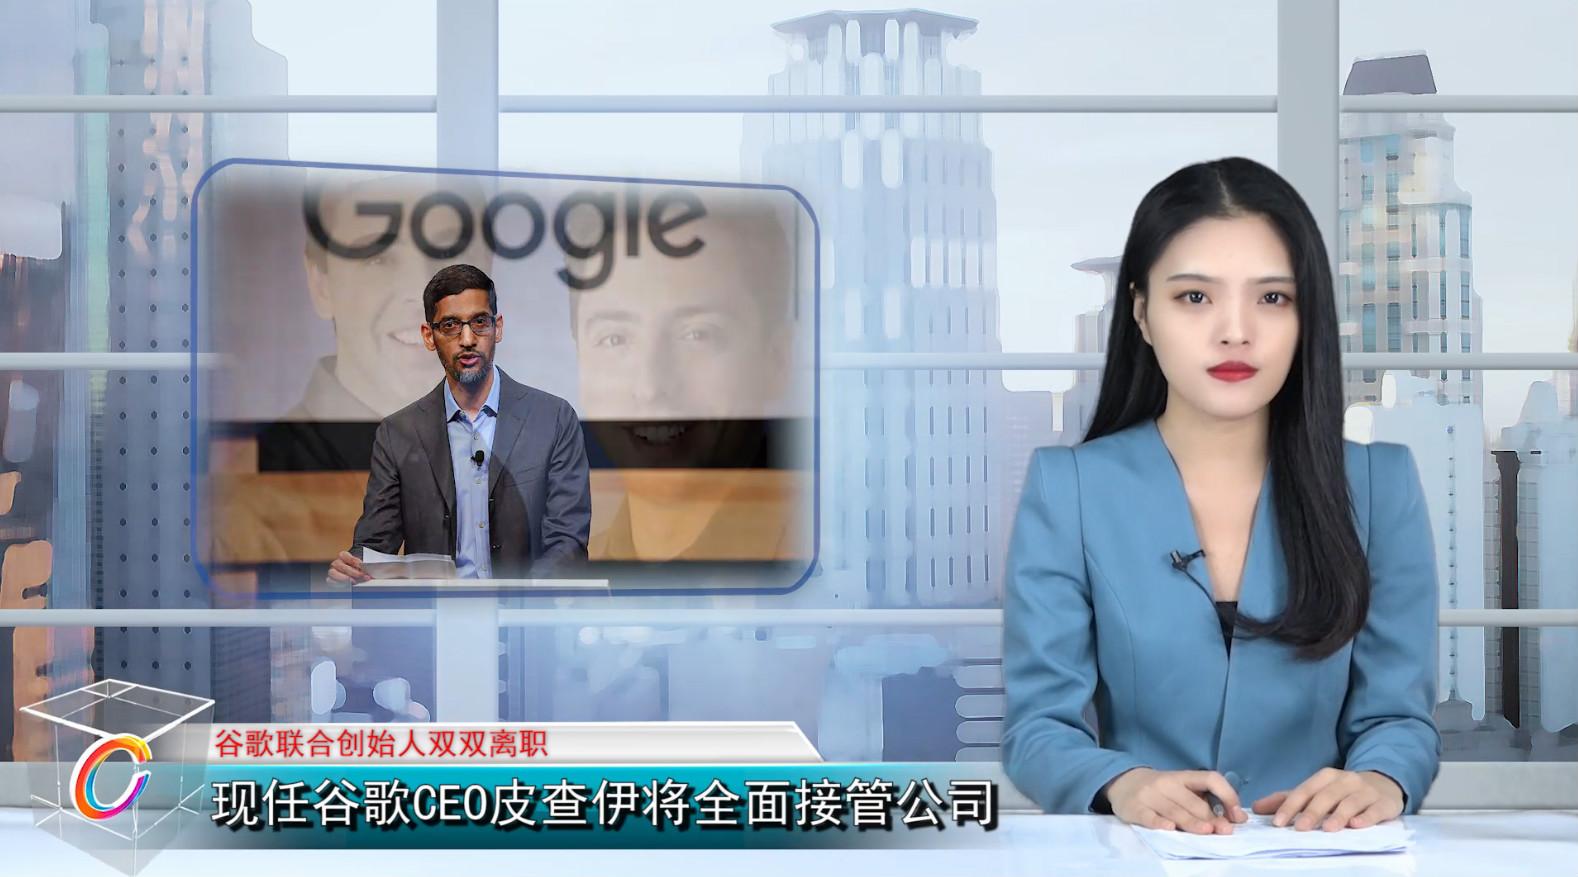 谷歌联合创始人相继离职,元老极人物接管Alphabet